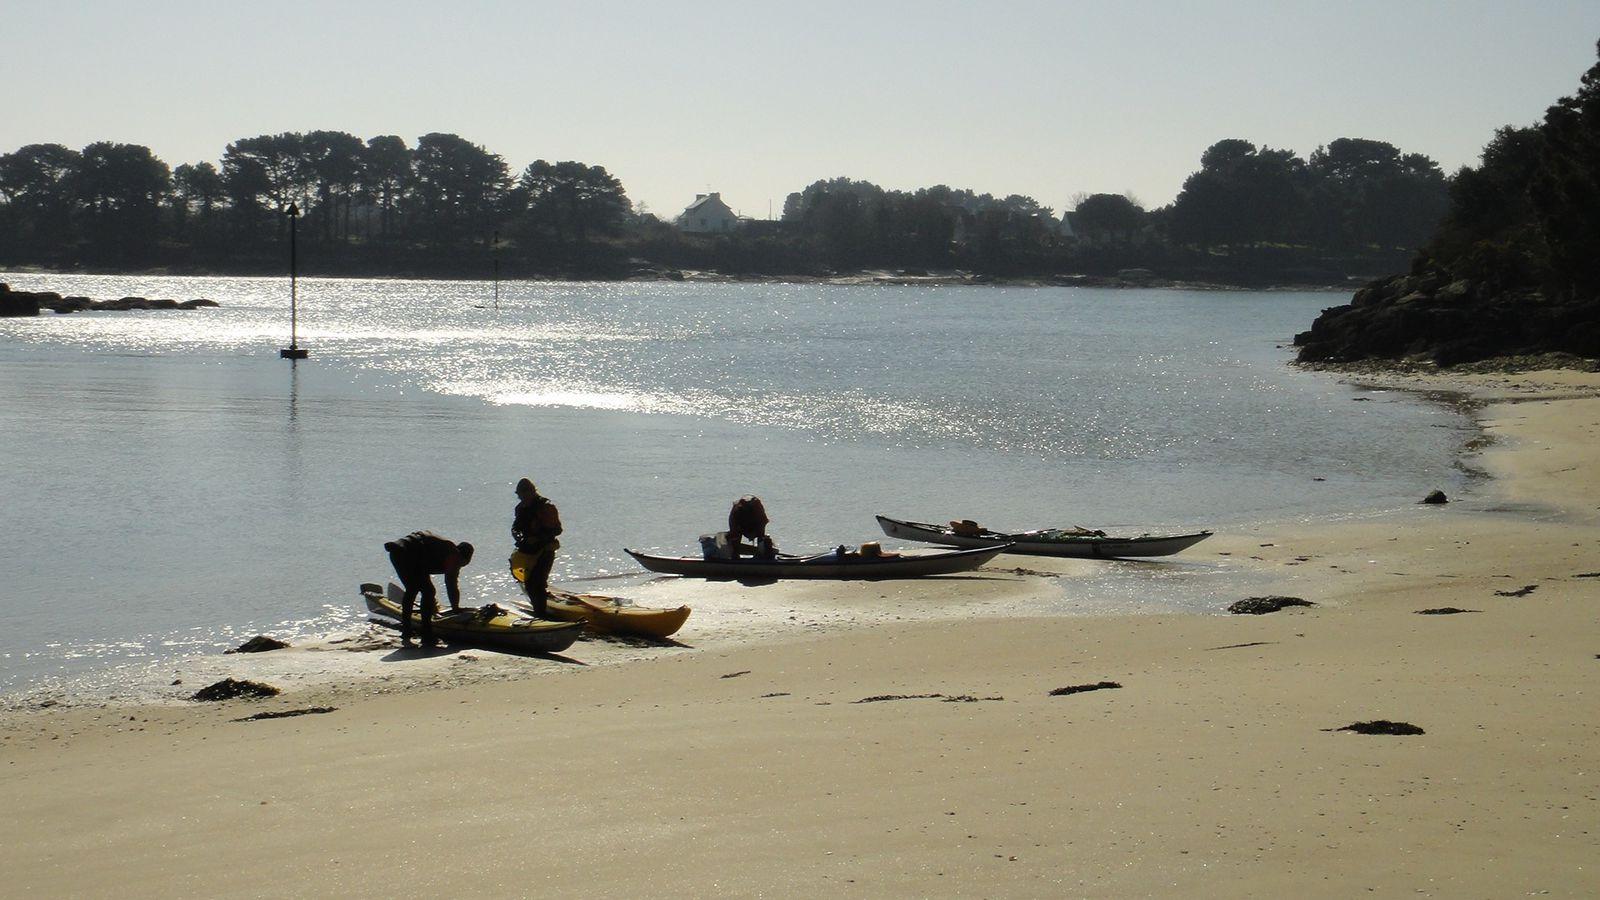 Lundi 4 mars 2013, rando kayak. Beg-Meil, Pouldohan, Concarneau, Anse Saint-Jean